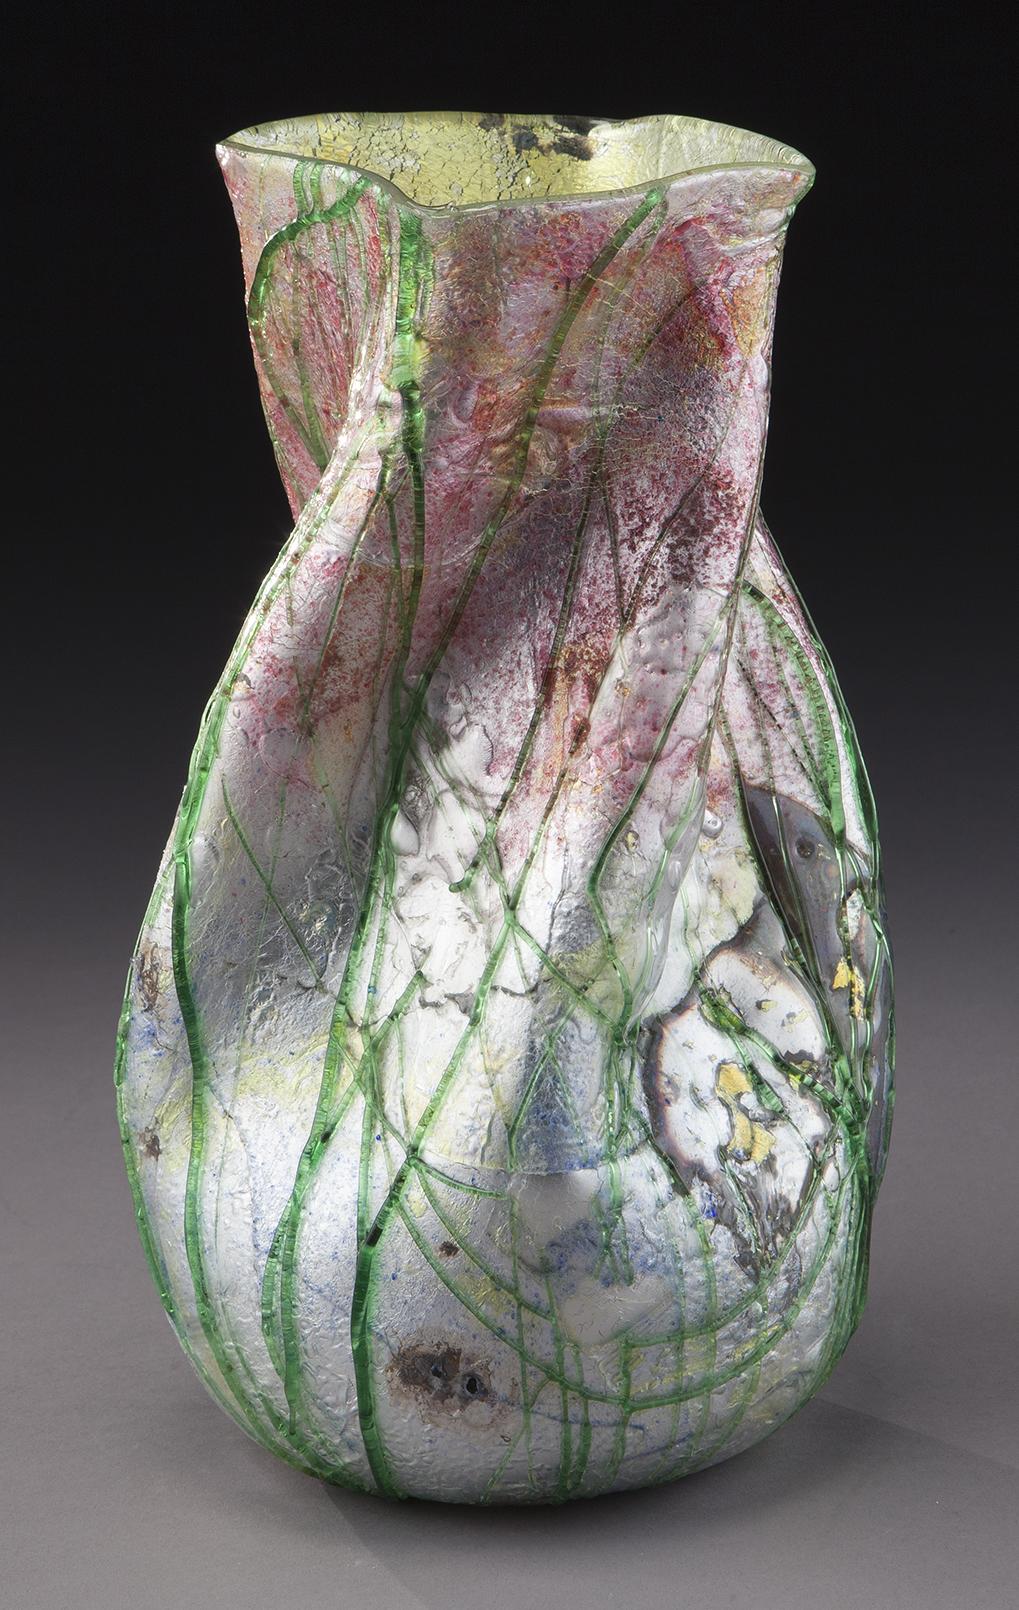 Steven & Williams, vase signé, verre argenté orné de filetage vert, circa 1920